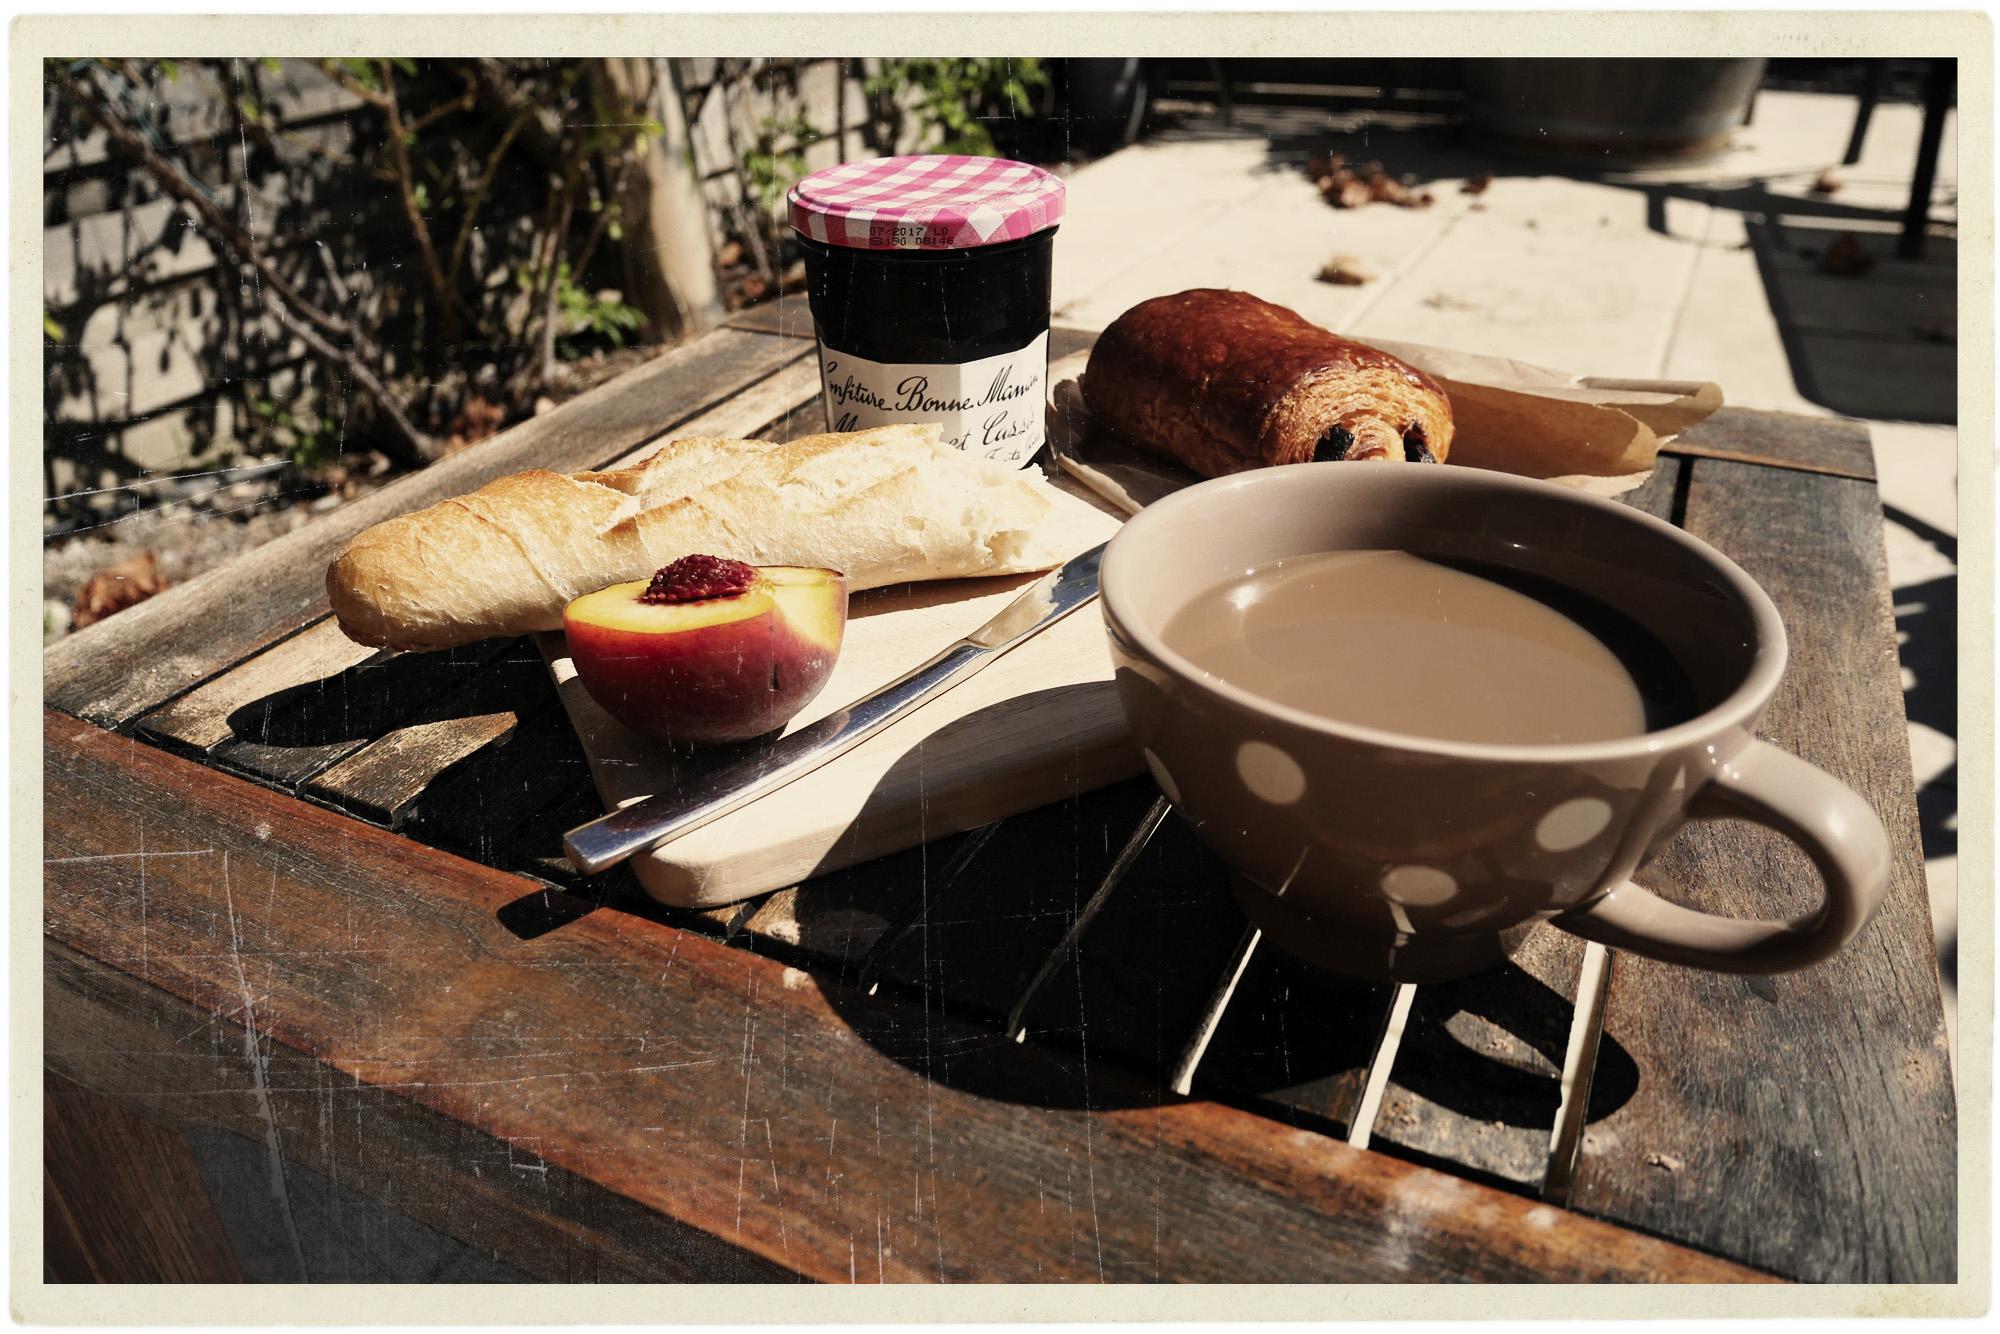 Perfect petit déjeuner.